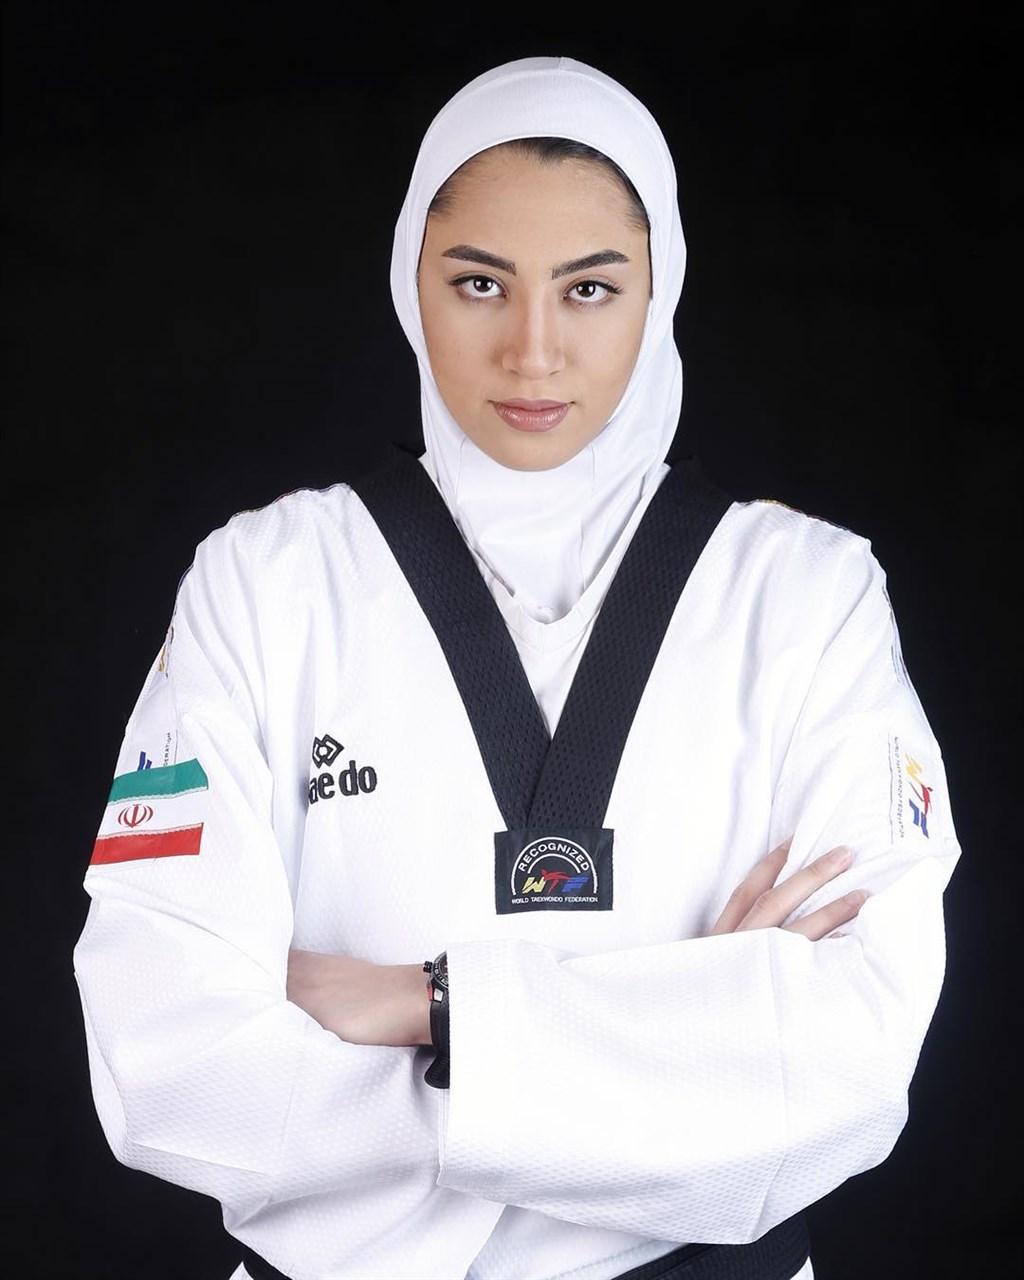 伊朗唯一在奧運奪牌的女運動員阿裏薩德宣布永久離開祖國。(圖取自阿裏薩德IG網頁instagram.com/kimiya.alizade)